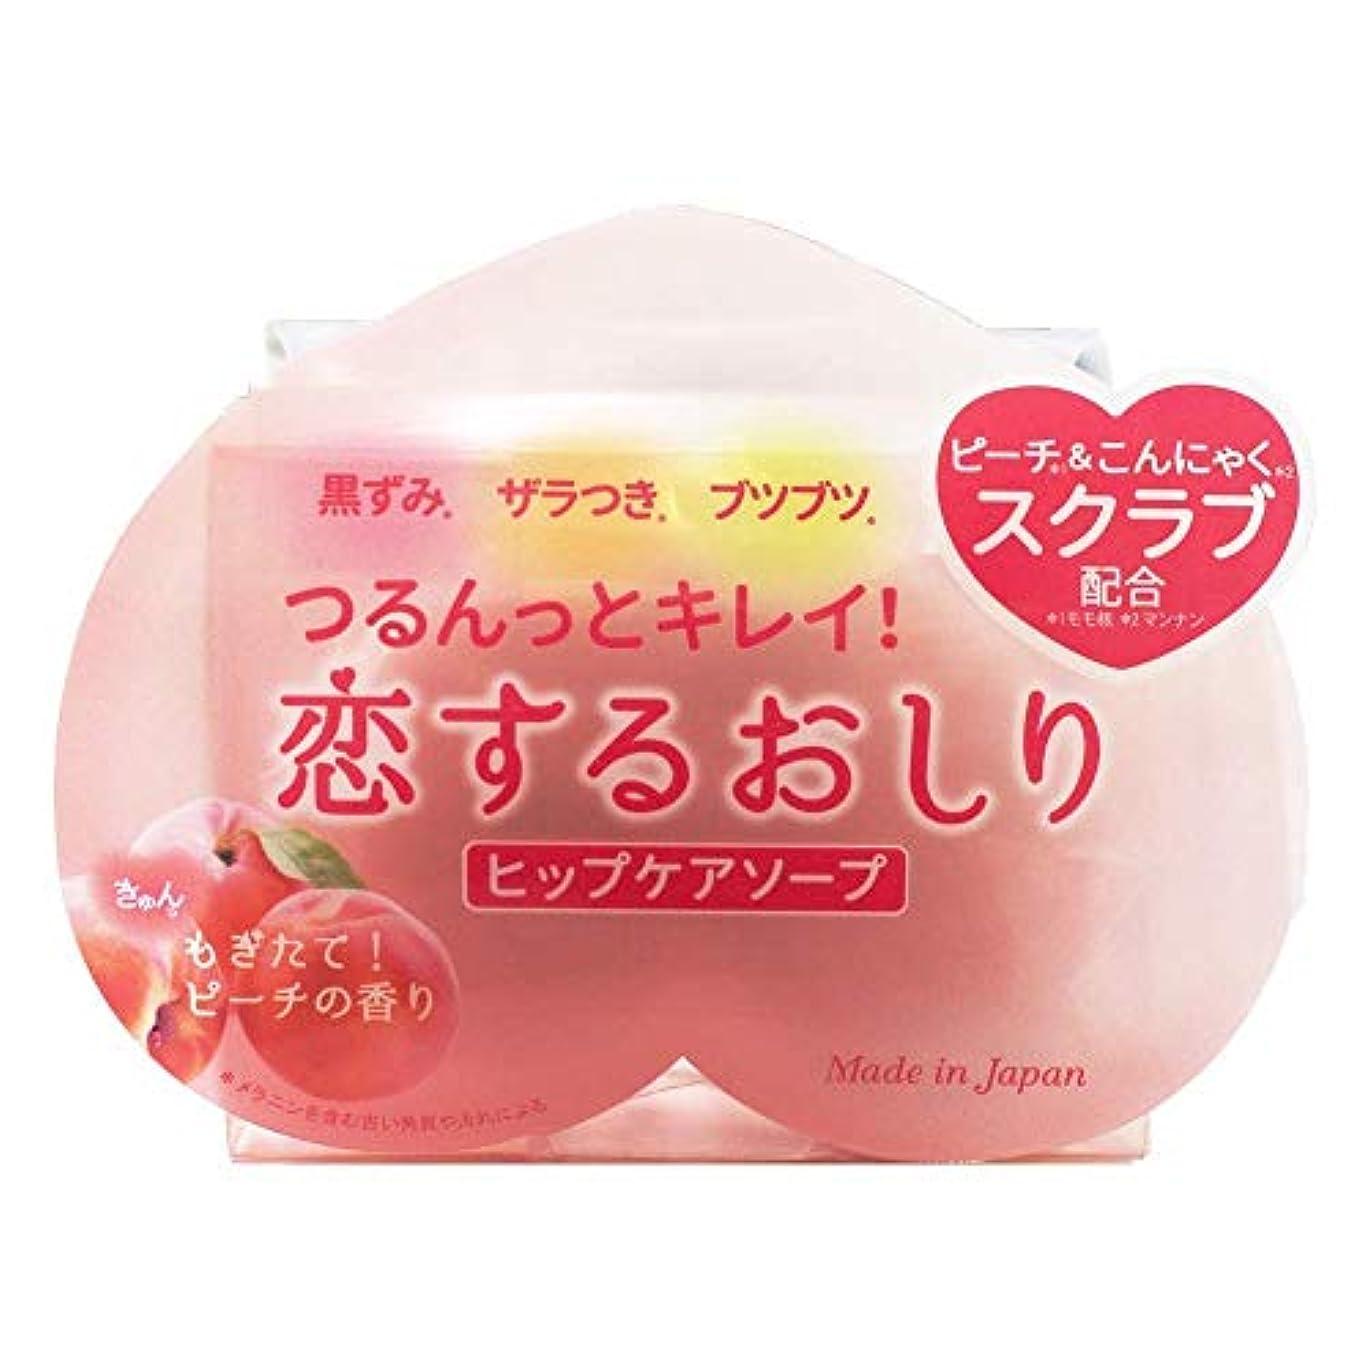 帰る手配する主要な【まとめ買い】ペリカン石鹸 恋するおしり ヒップケアソープ 80g×3個